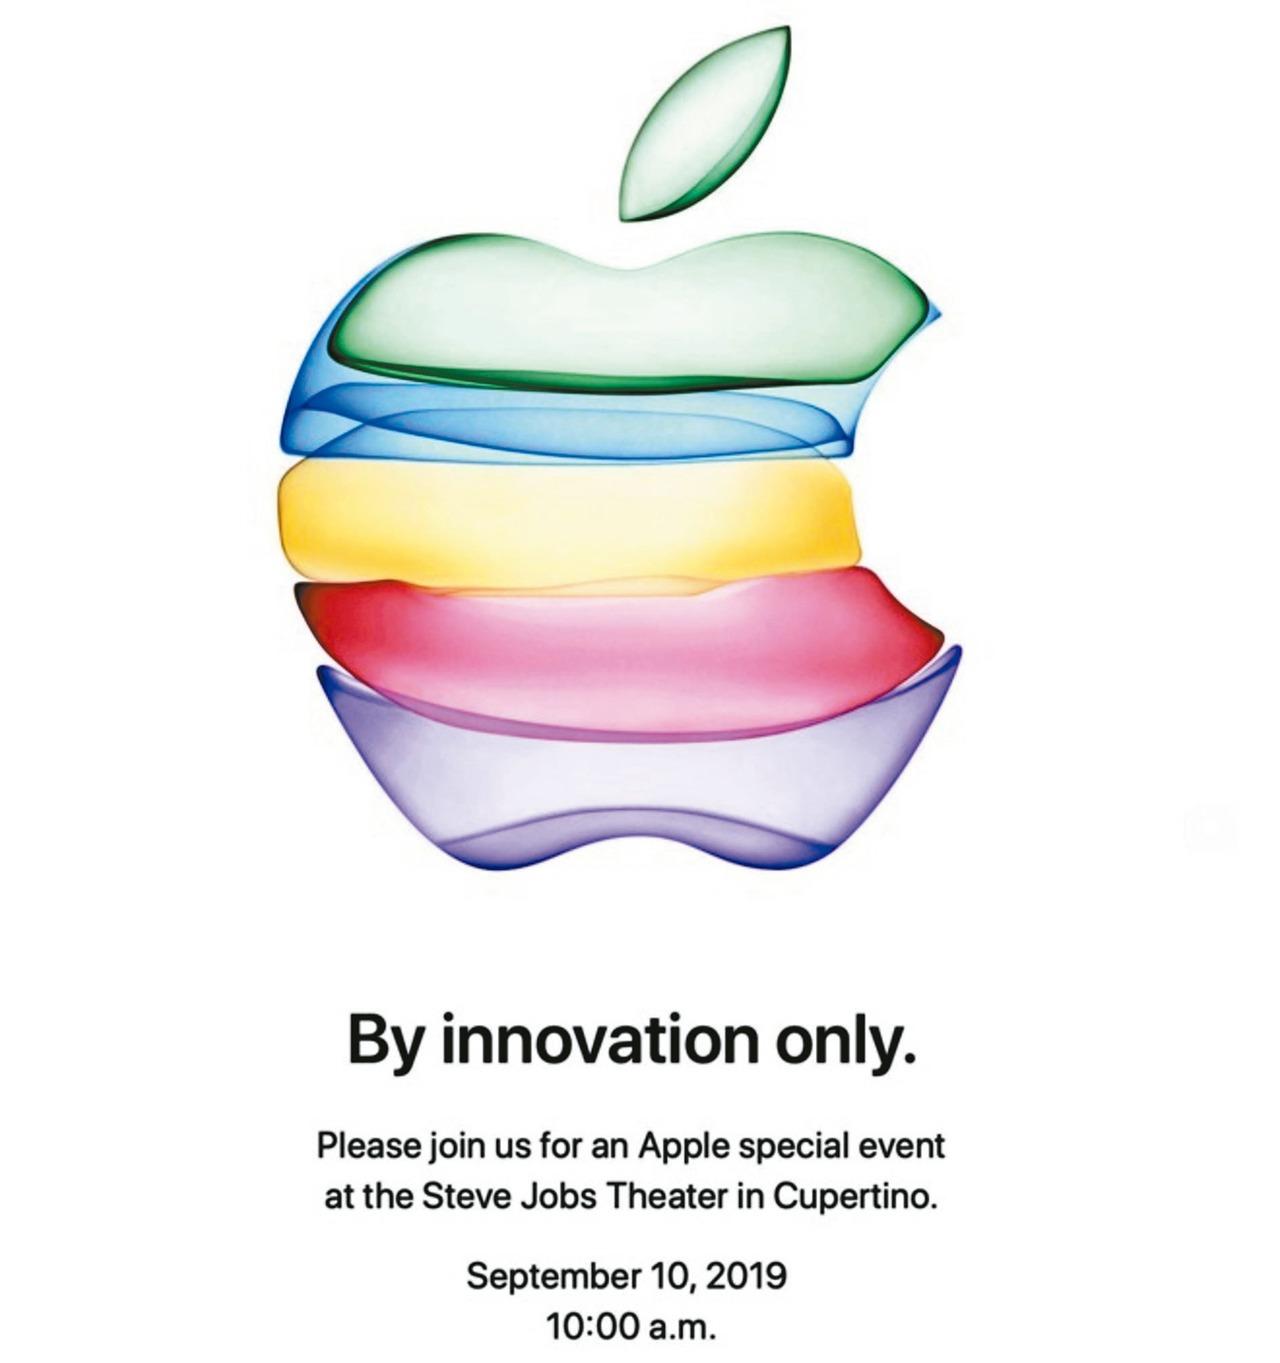 蘋果邀請函暗示,新iPhone有五種色系供選擇。 圖/擷自蘋果官網